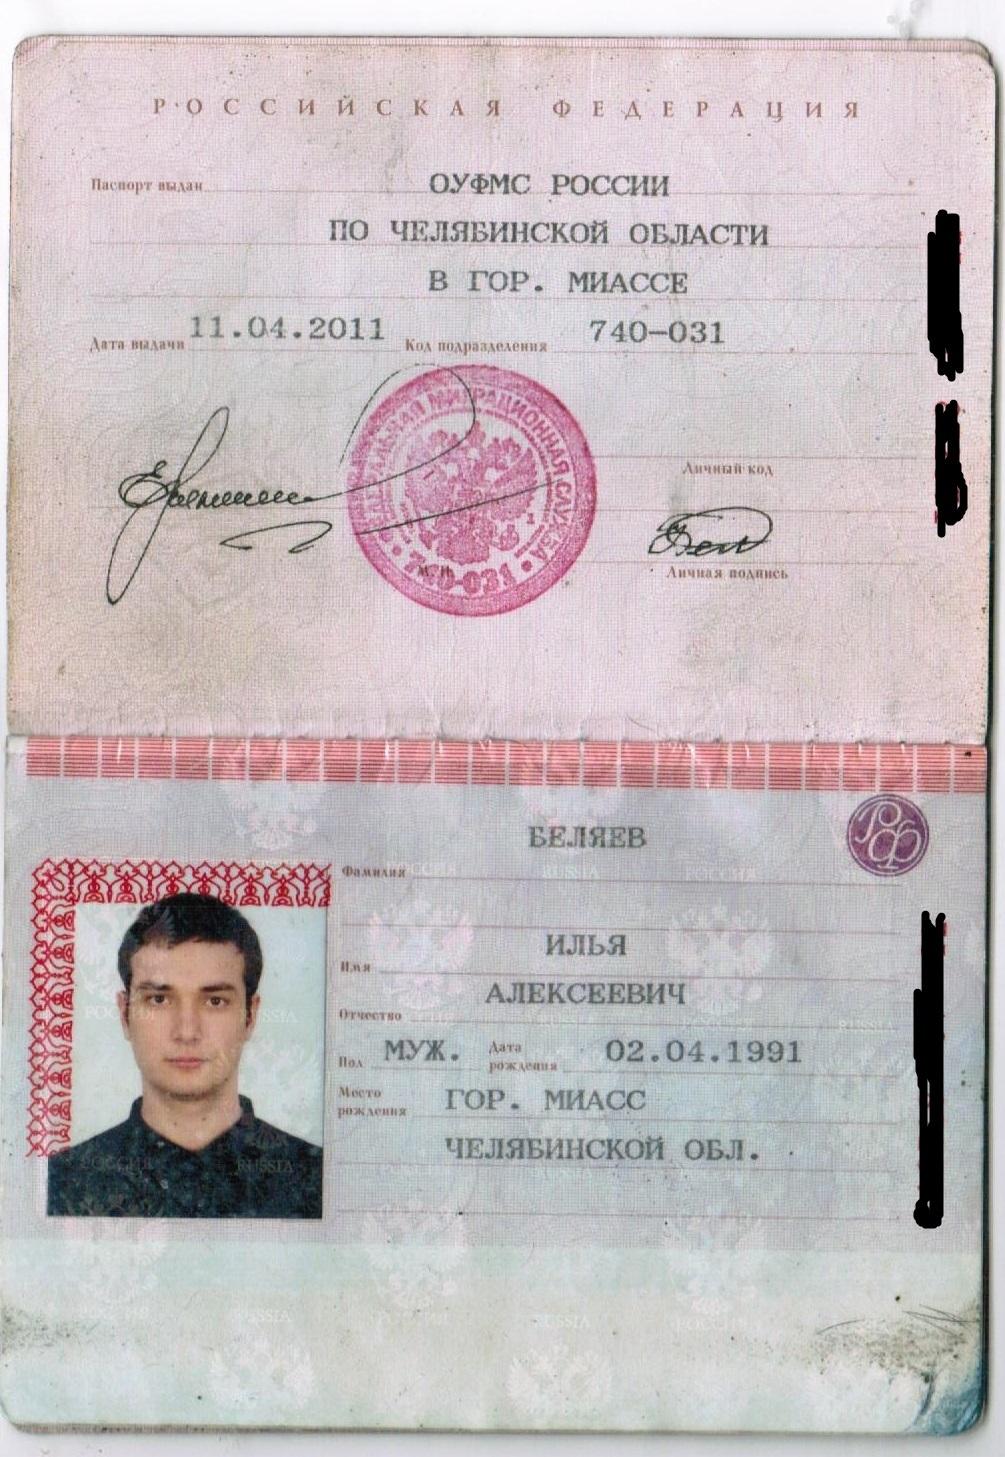 Перечень документов, удостоверяющих личность граждан на территории РФ: вид, код